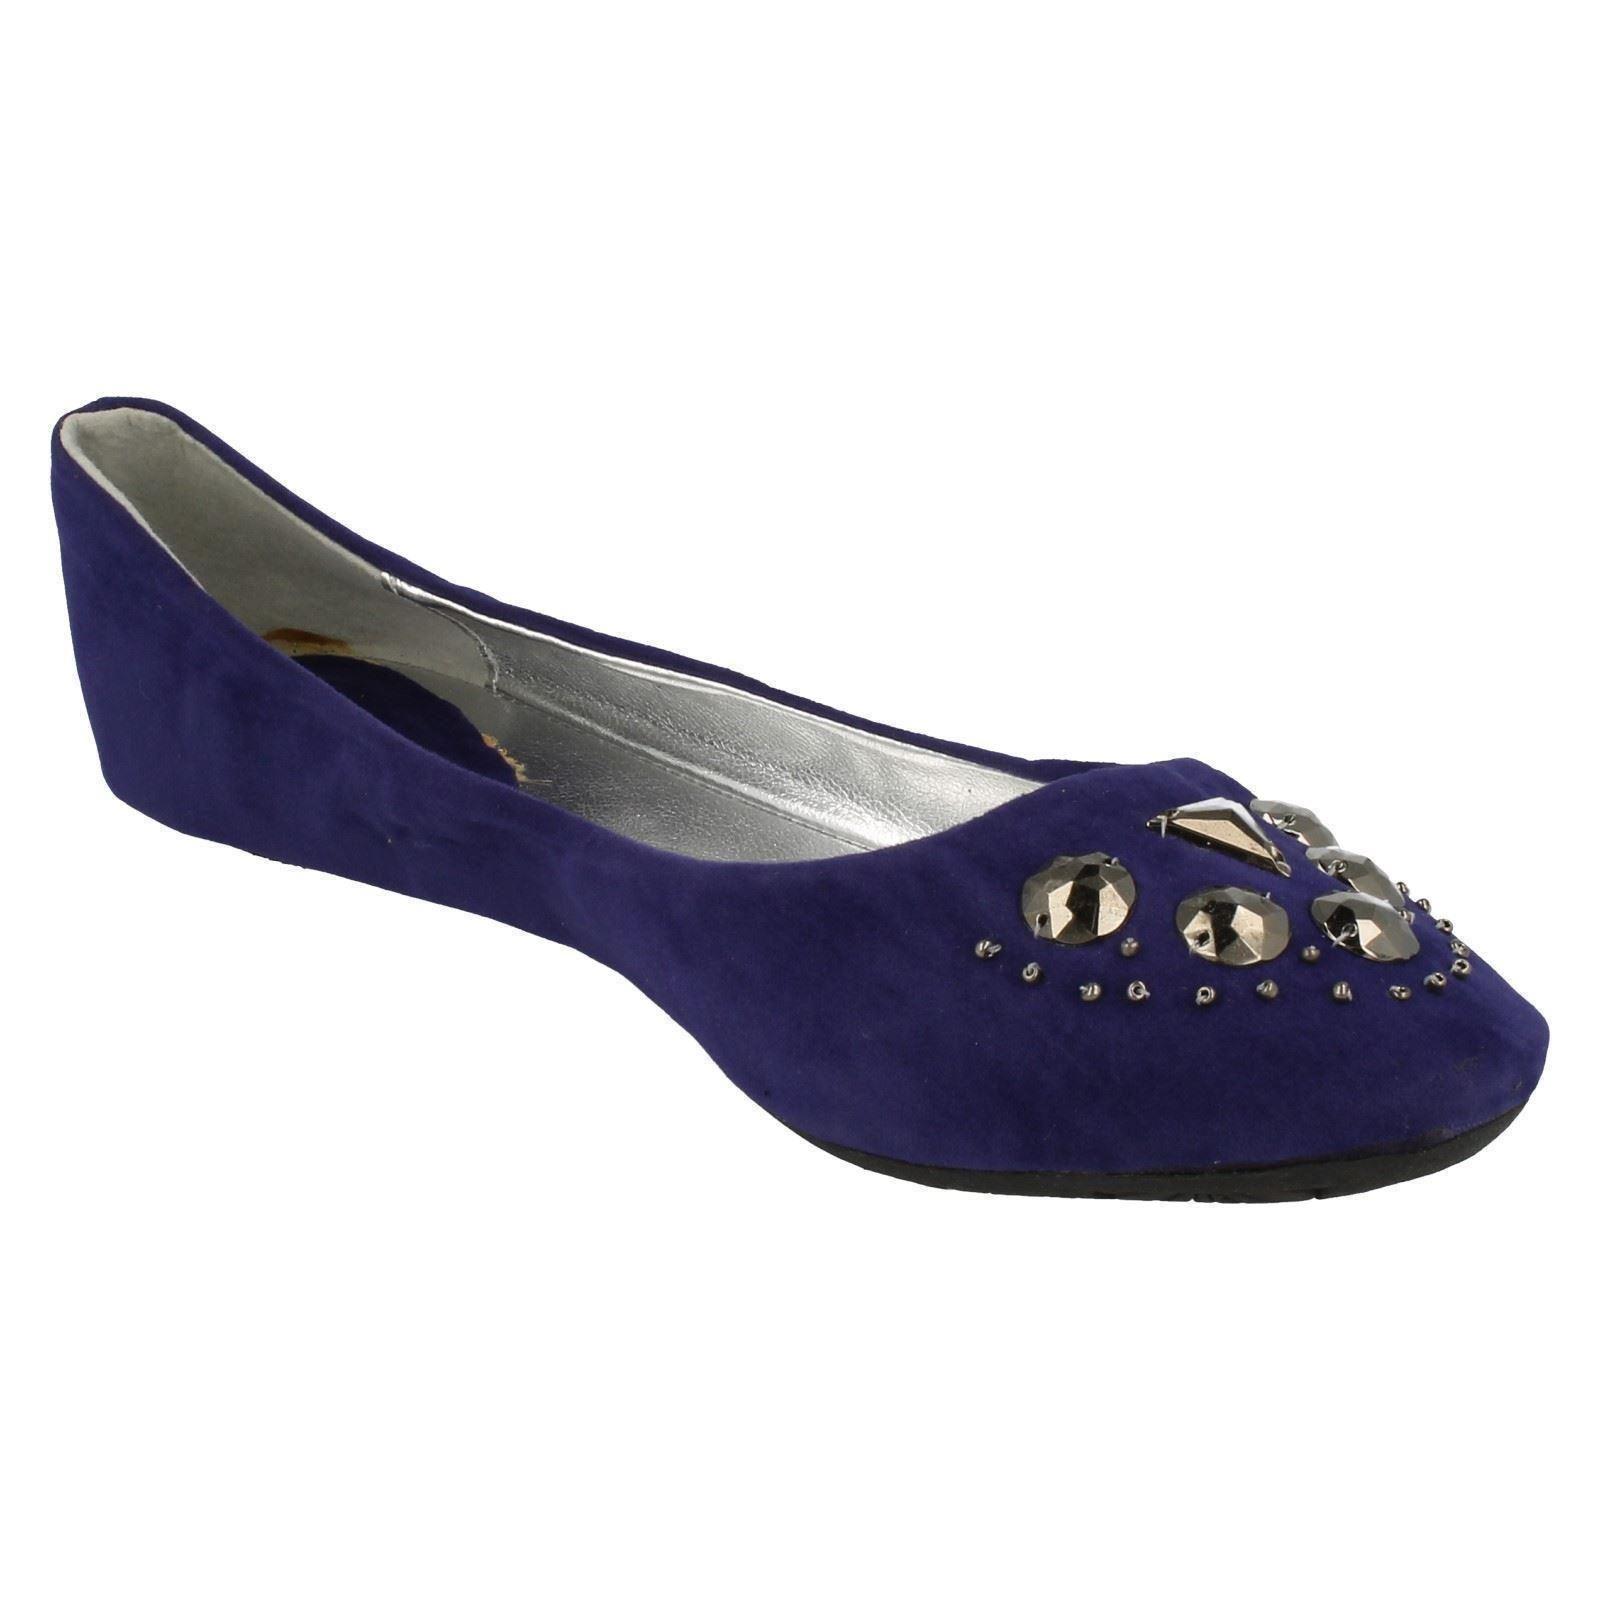 Damas Spot on Zapatos Planos Bailarina Estilo F8623